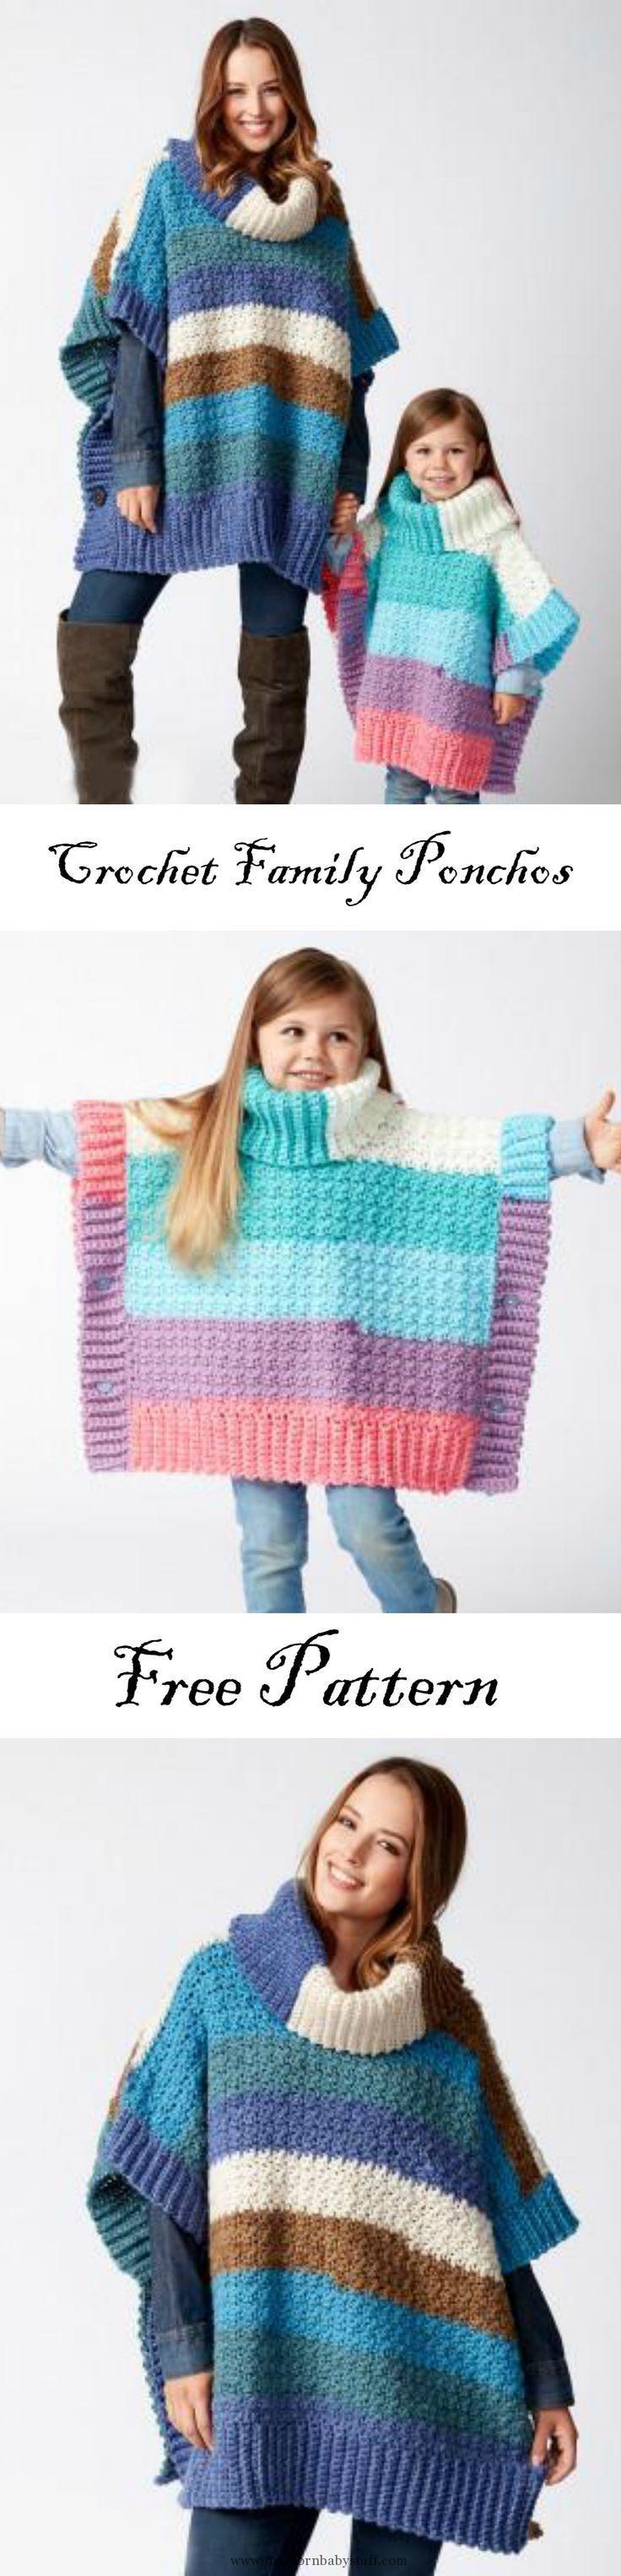 Baby Knitting Patterns Crochet Family Ponchos...   Baby Knitting ...